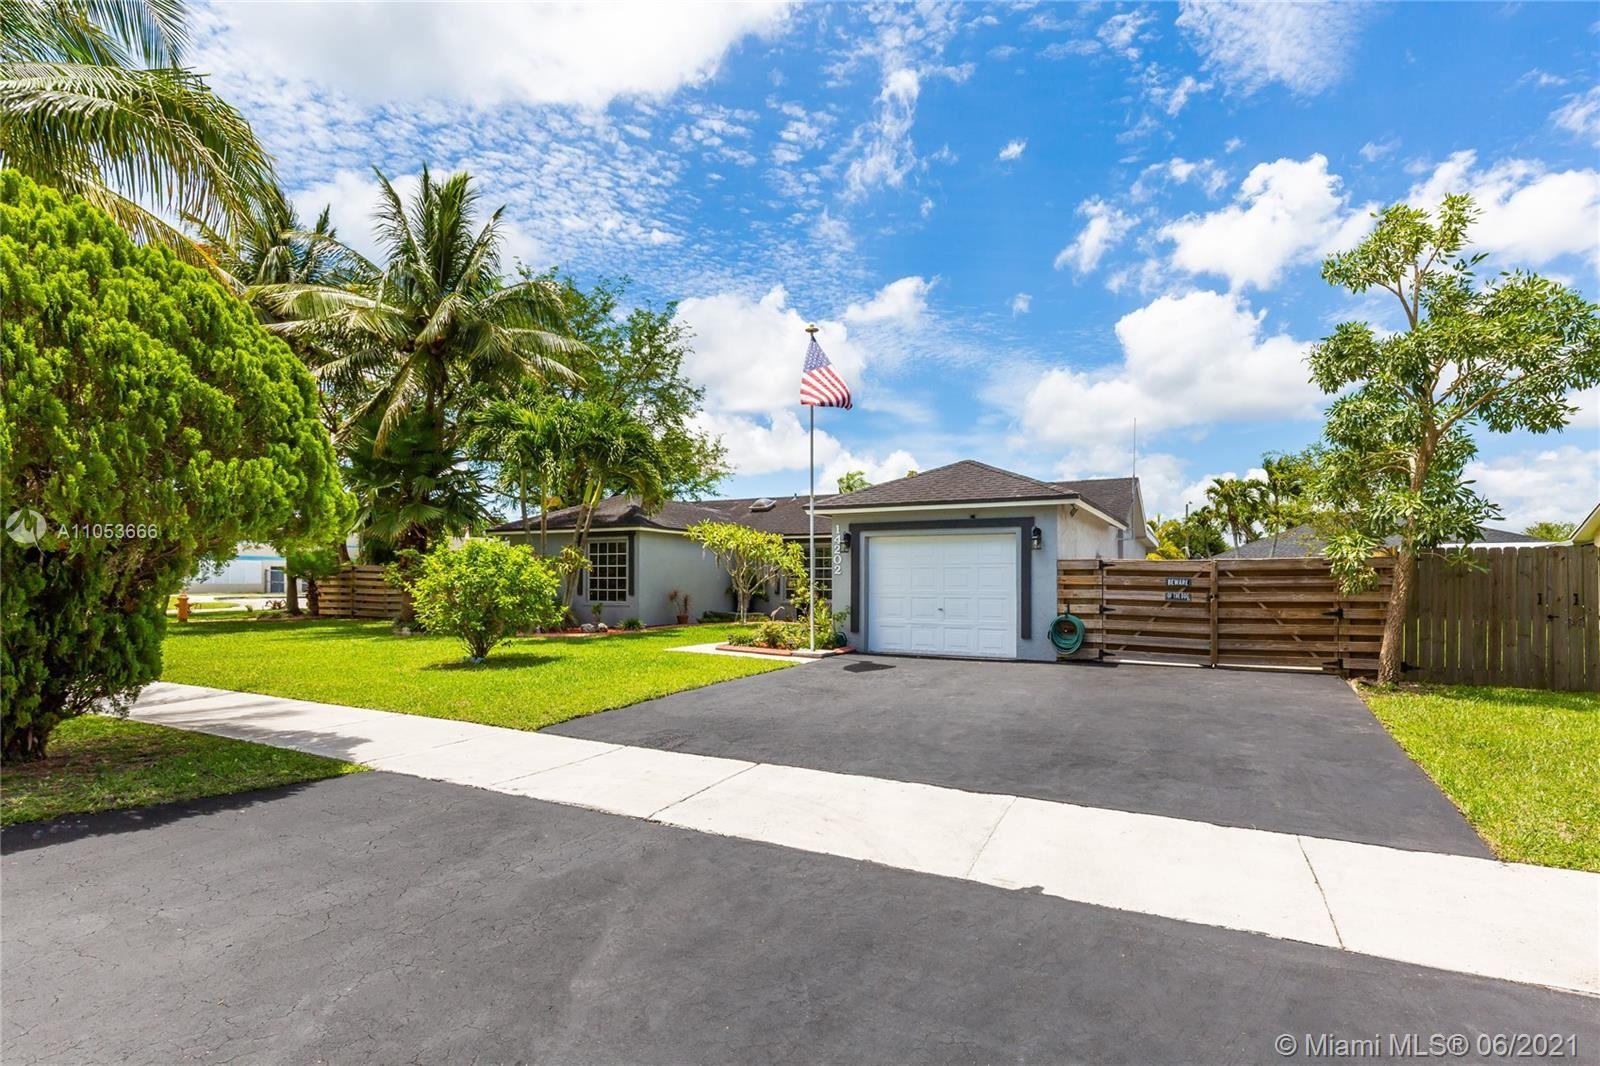 14202 SW 155th St, Miami, FL 33177 - #: A11053666